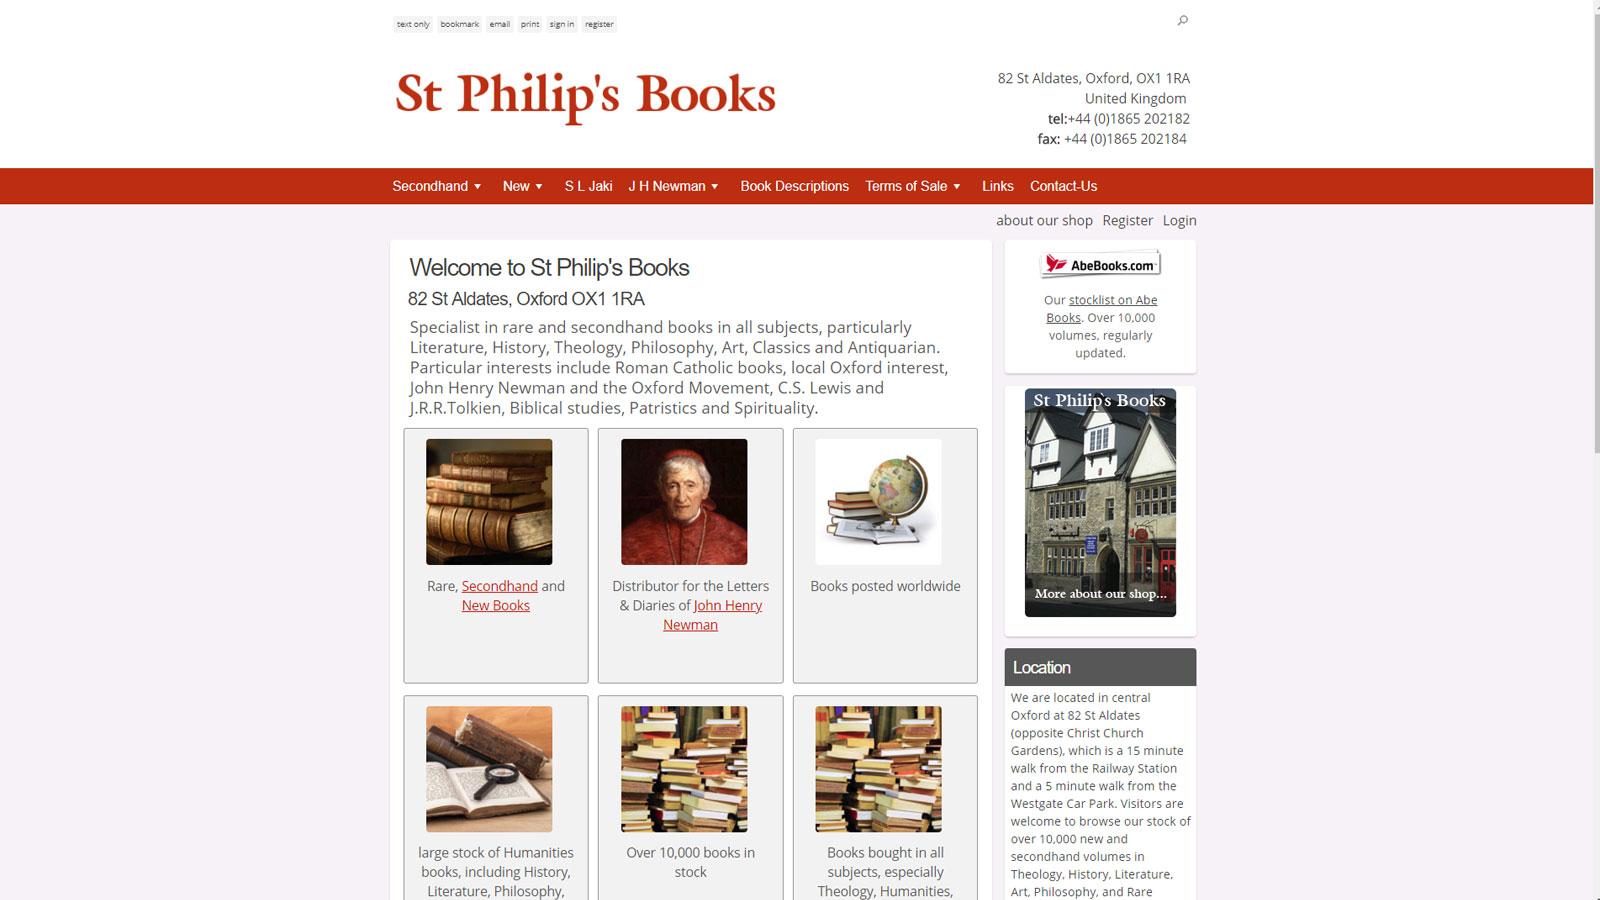 www.stphilipsbooks.co.uk